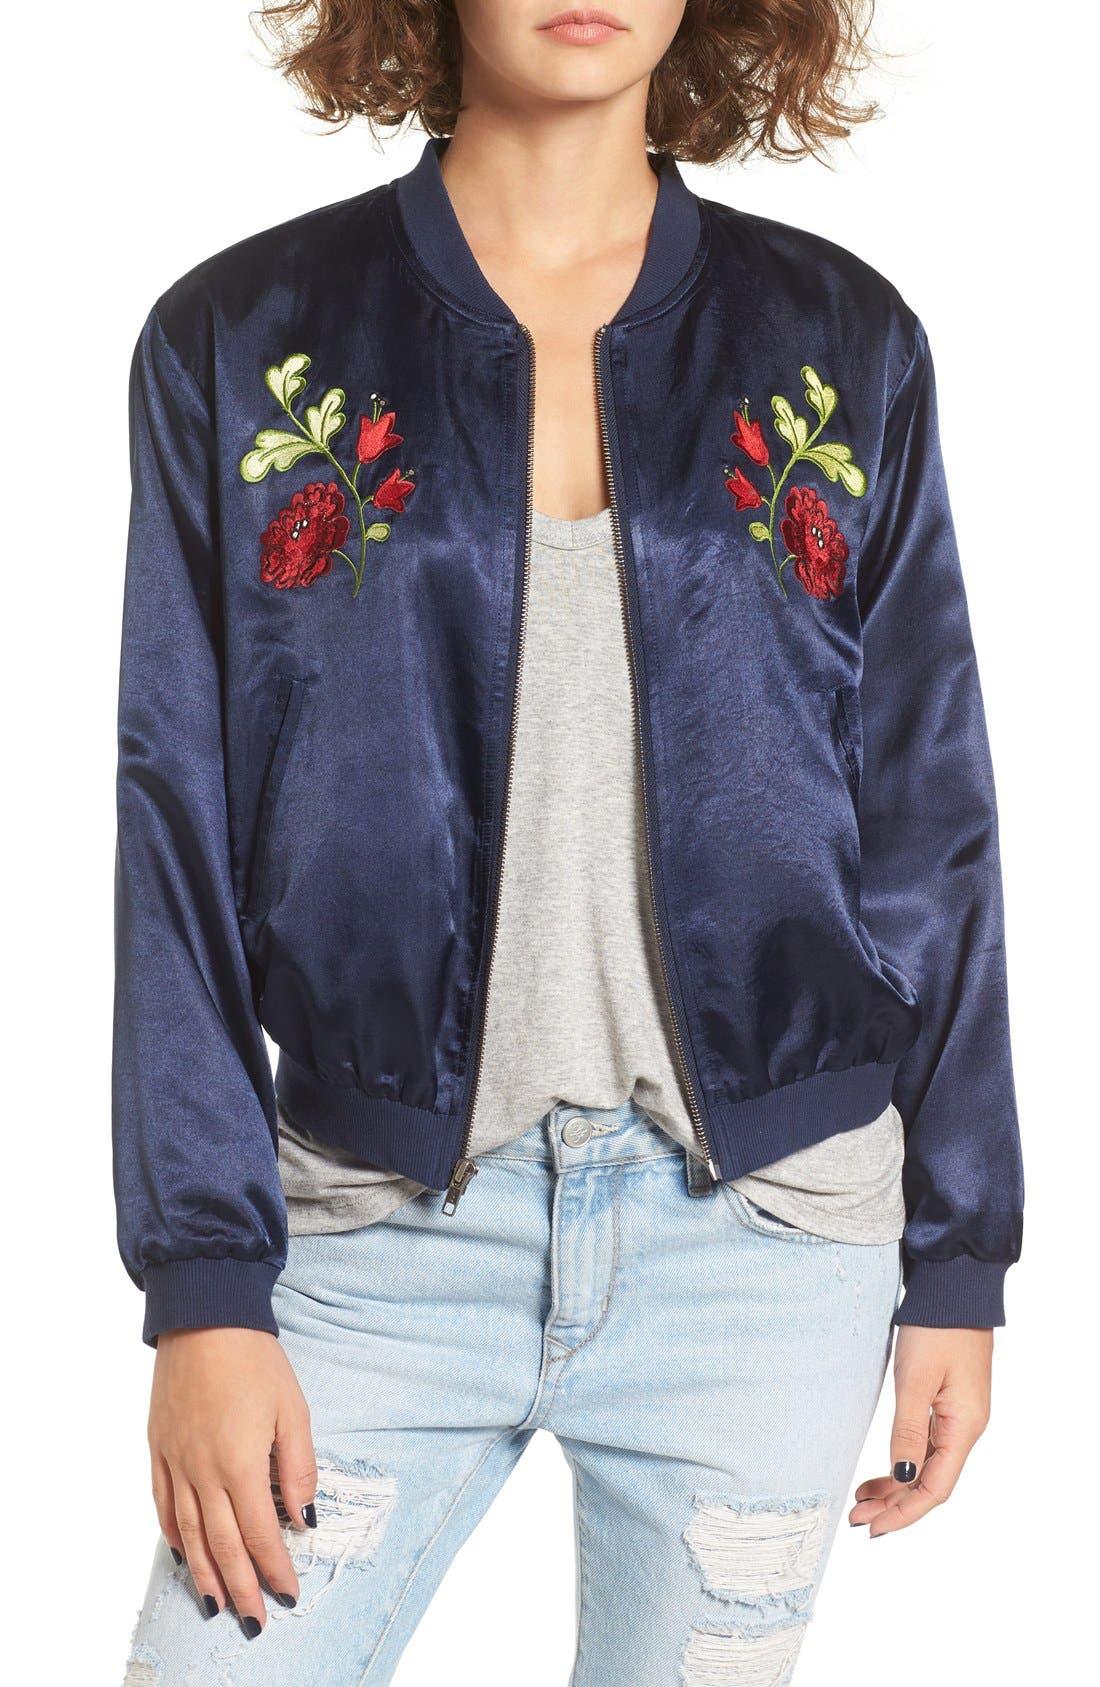 Alternate Image 1 Selected - Tularosa Mara Embroidered Satin Bomber Jacket